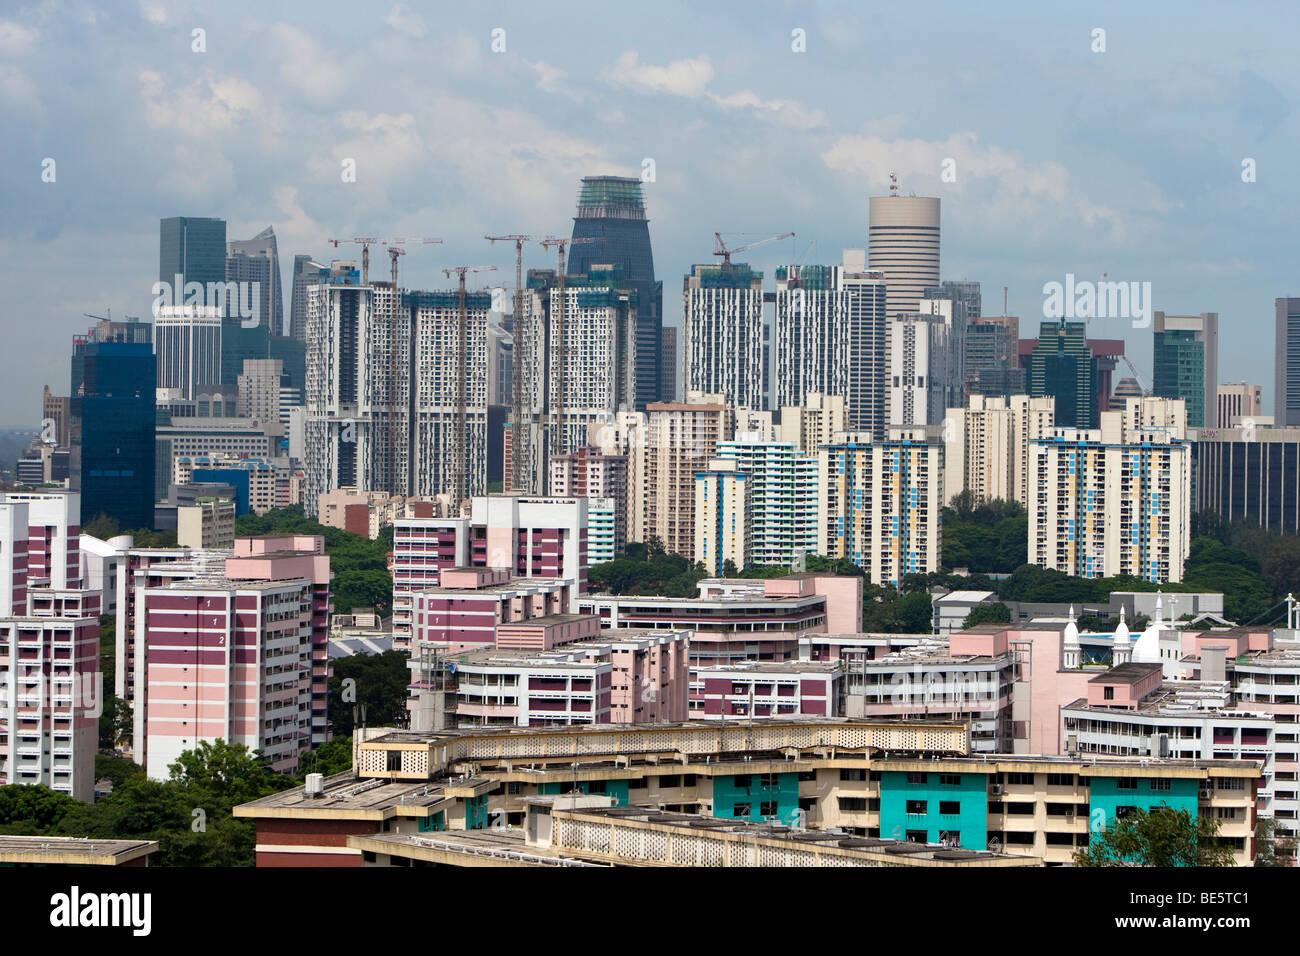 Skyline von Singapur, Wolkenkratzer mit billige Wohnungen hinter der teuren zentralen Geschäftsviertel von Stockbild